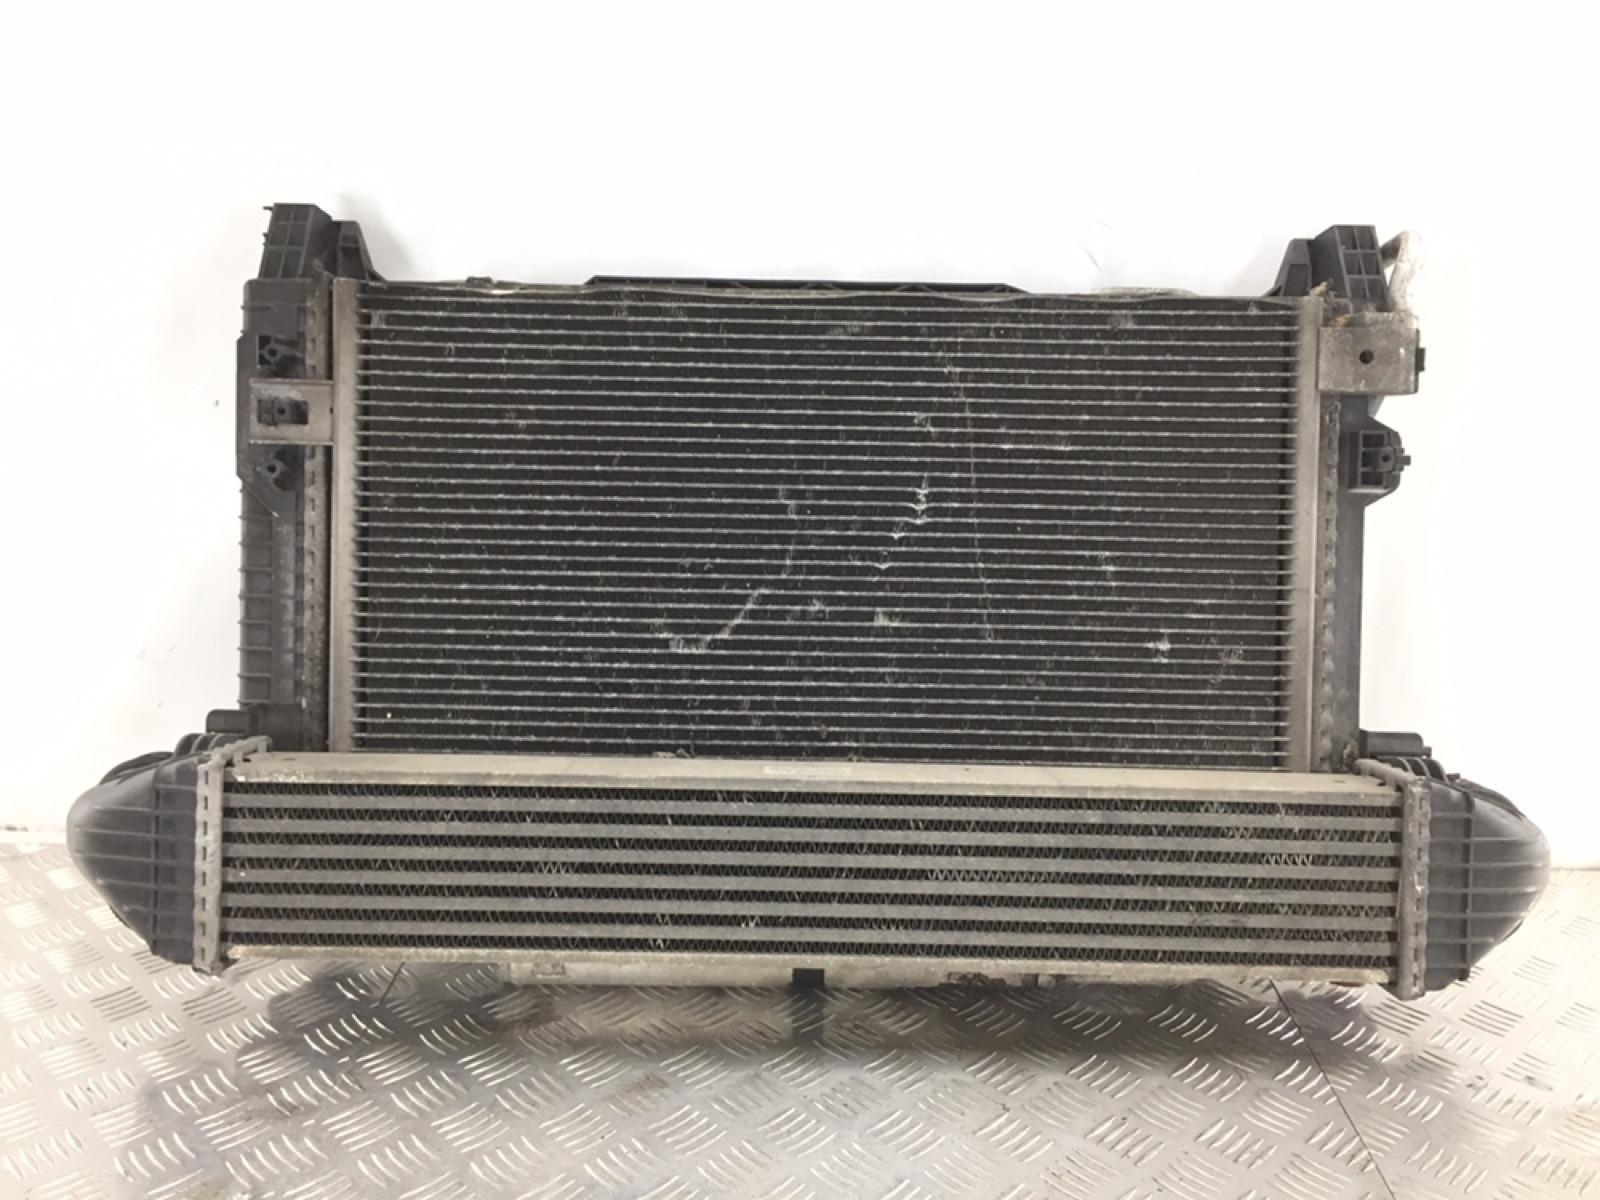 Кассета радиаторов Mercedes B W245 2.0 CDI 2007 (б/у)